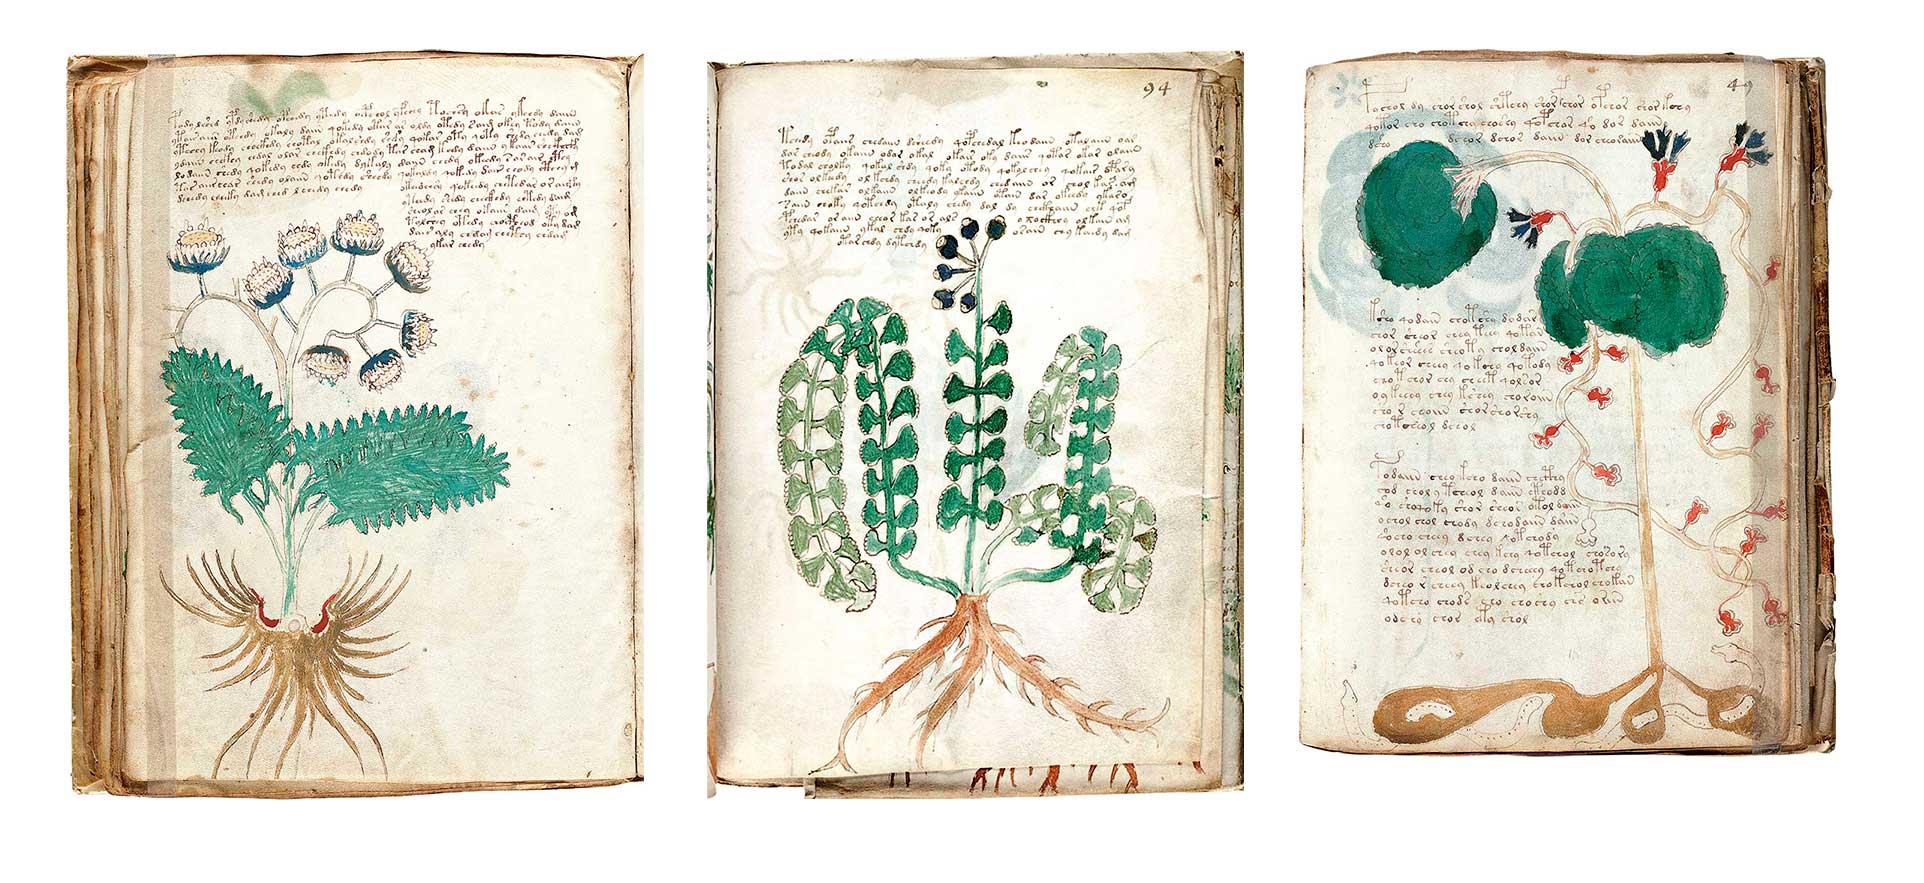 codice-voynich-paginas-imaginarias. Plantas imaginarias